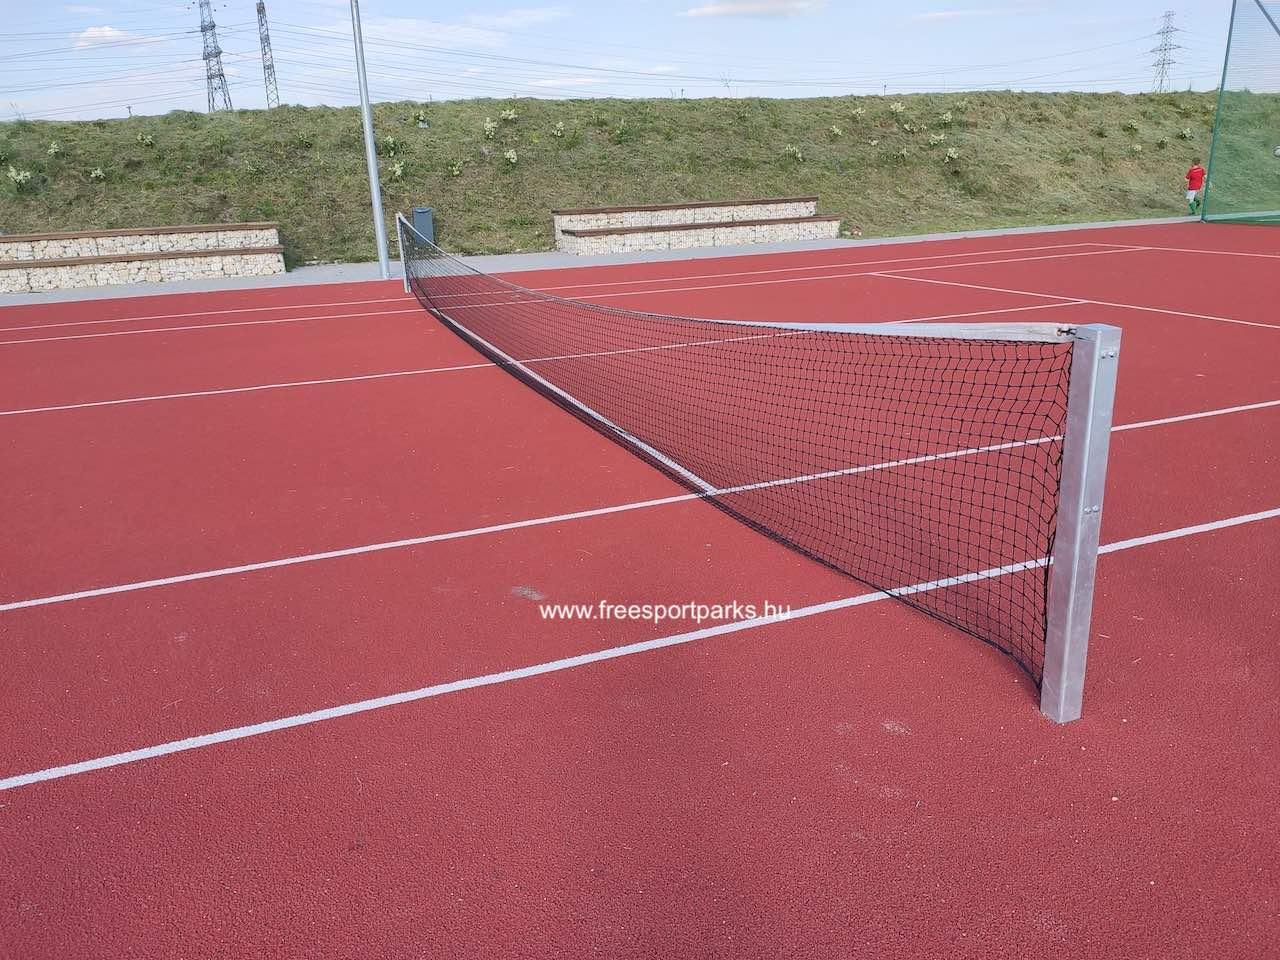 teniszpálya - Érdliget szabadidőpark - Free Sport Parks térkép